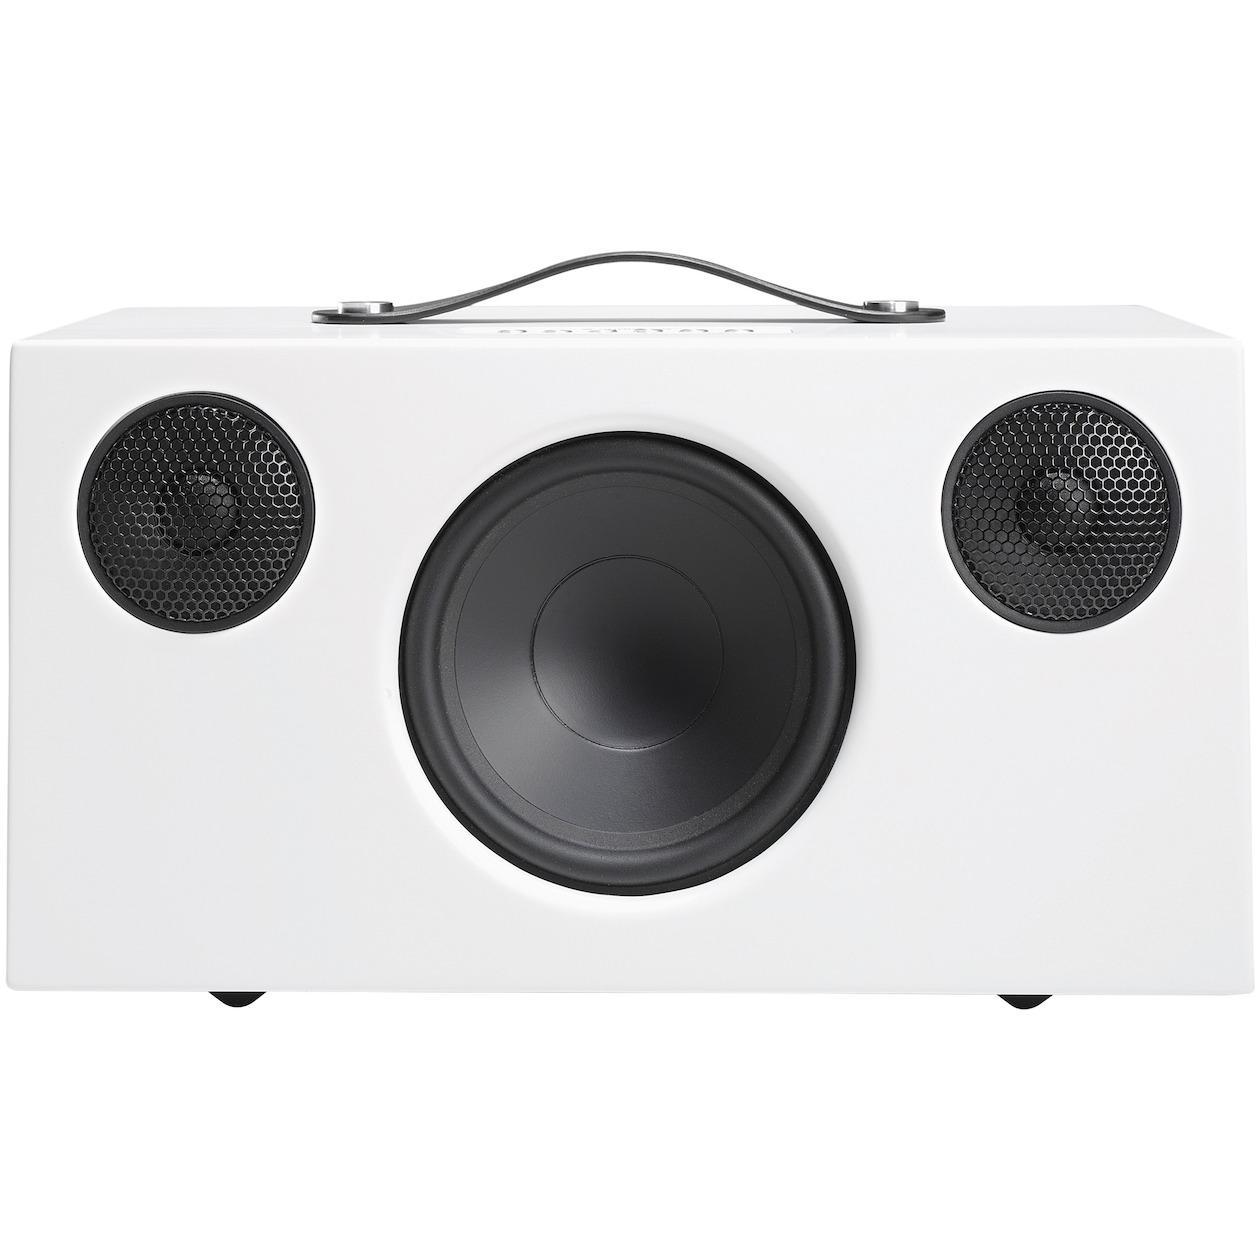 Afbeelding van Audio Pro bluetooth speaker Addon T10 wit